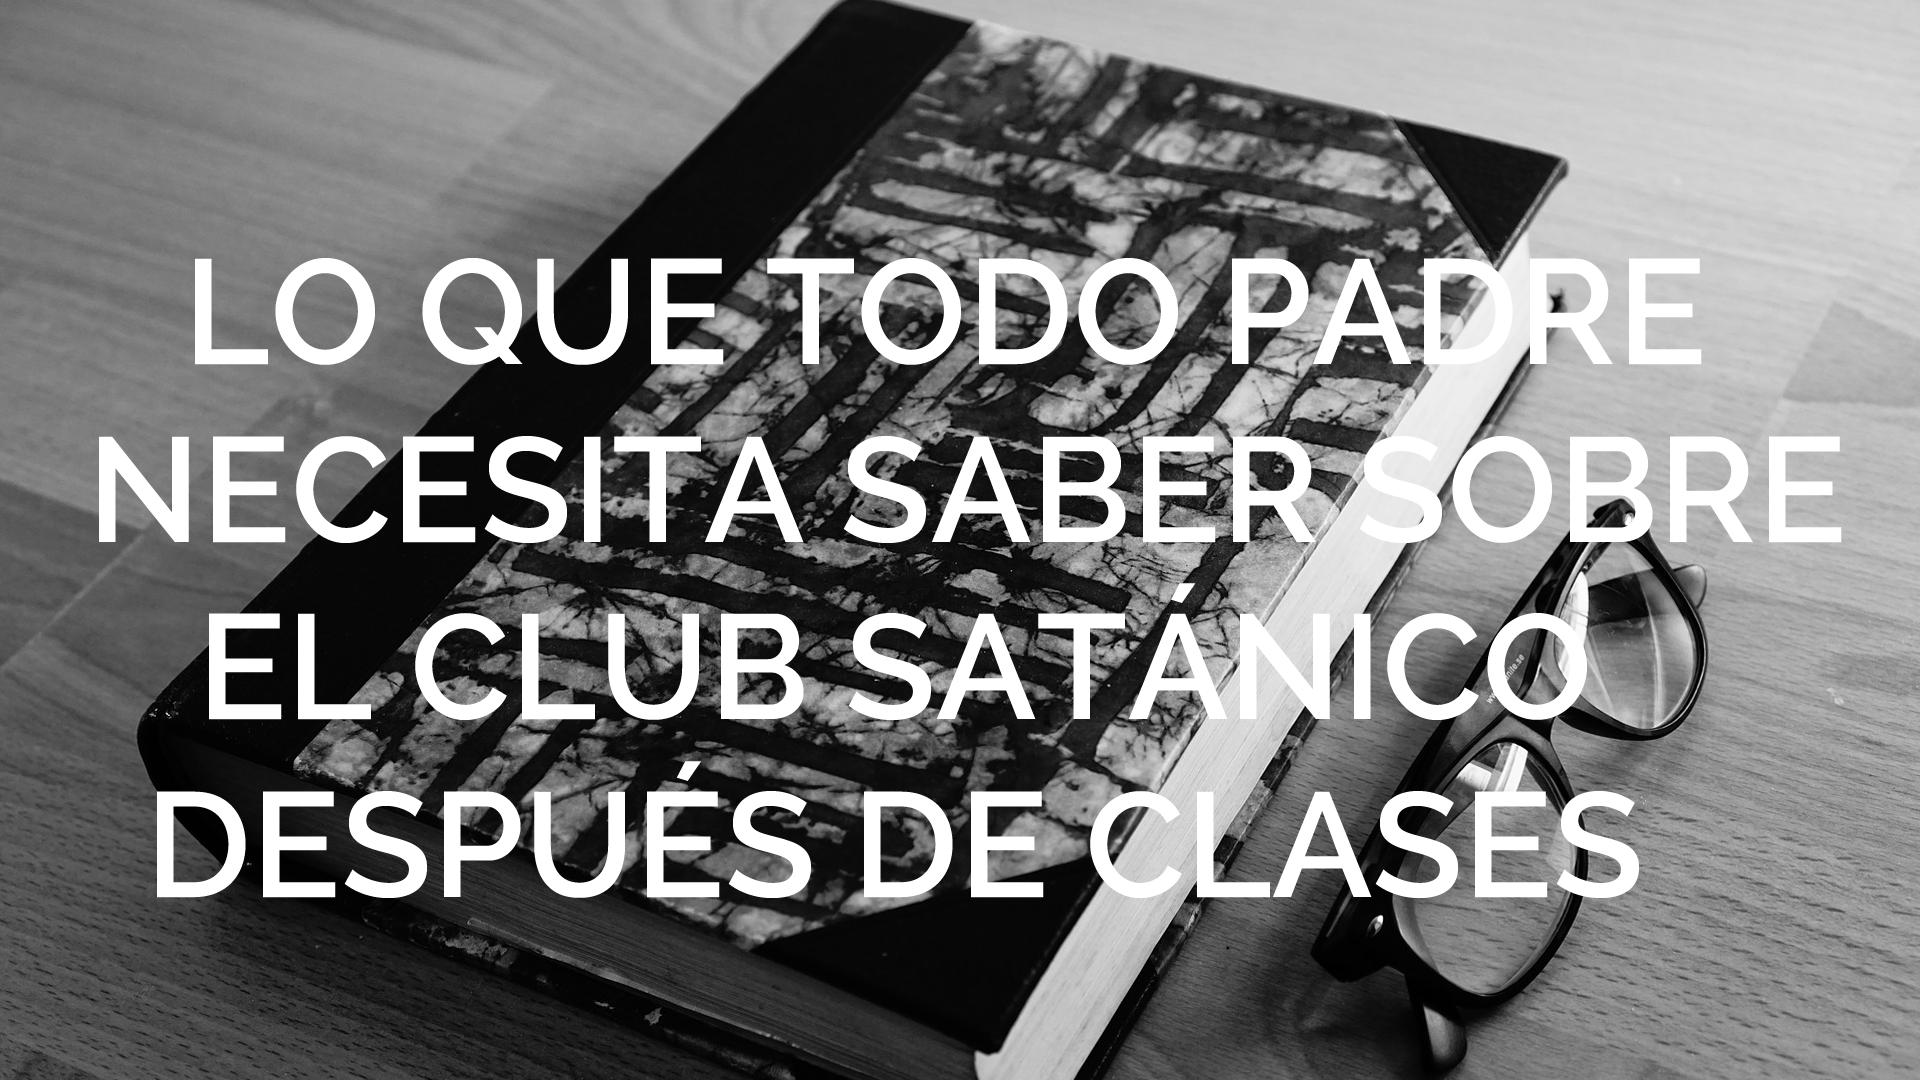 Cuidado-con-el-club-satanico